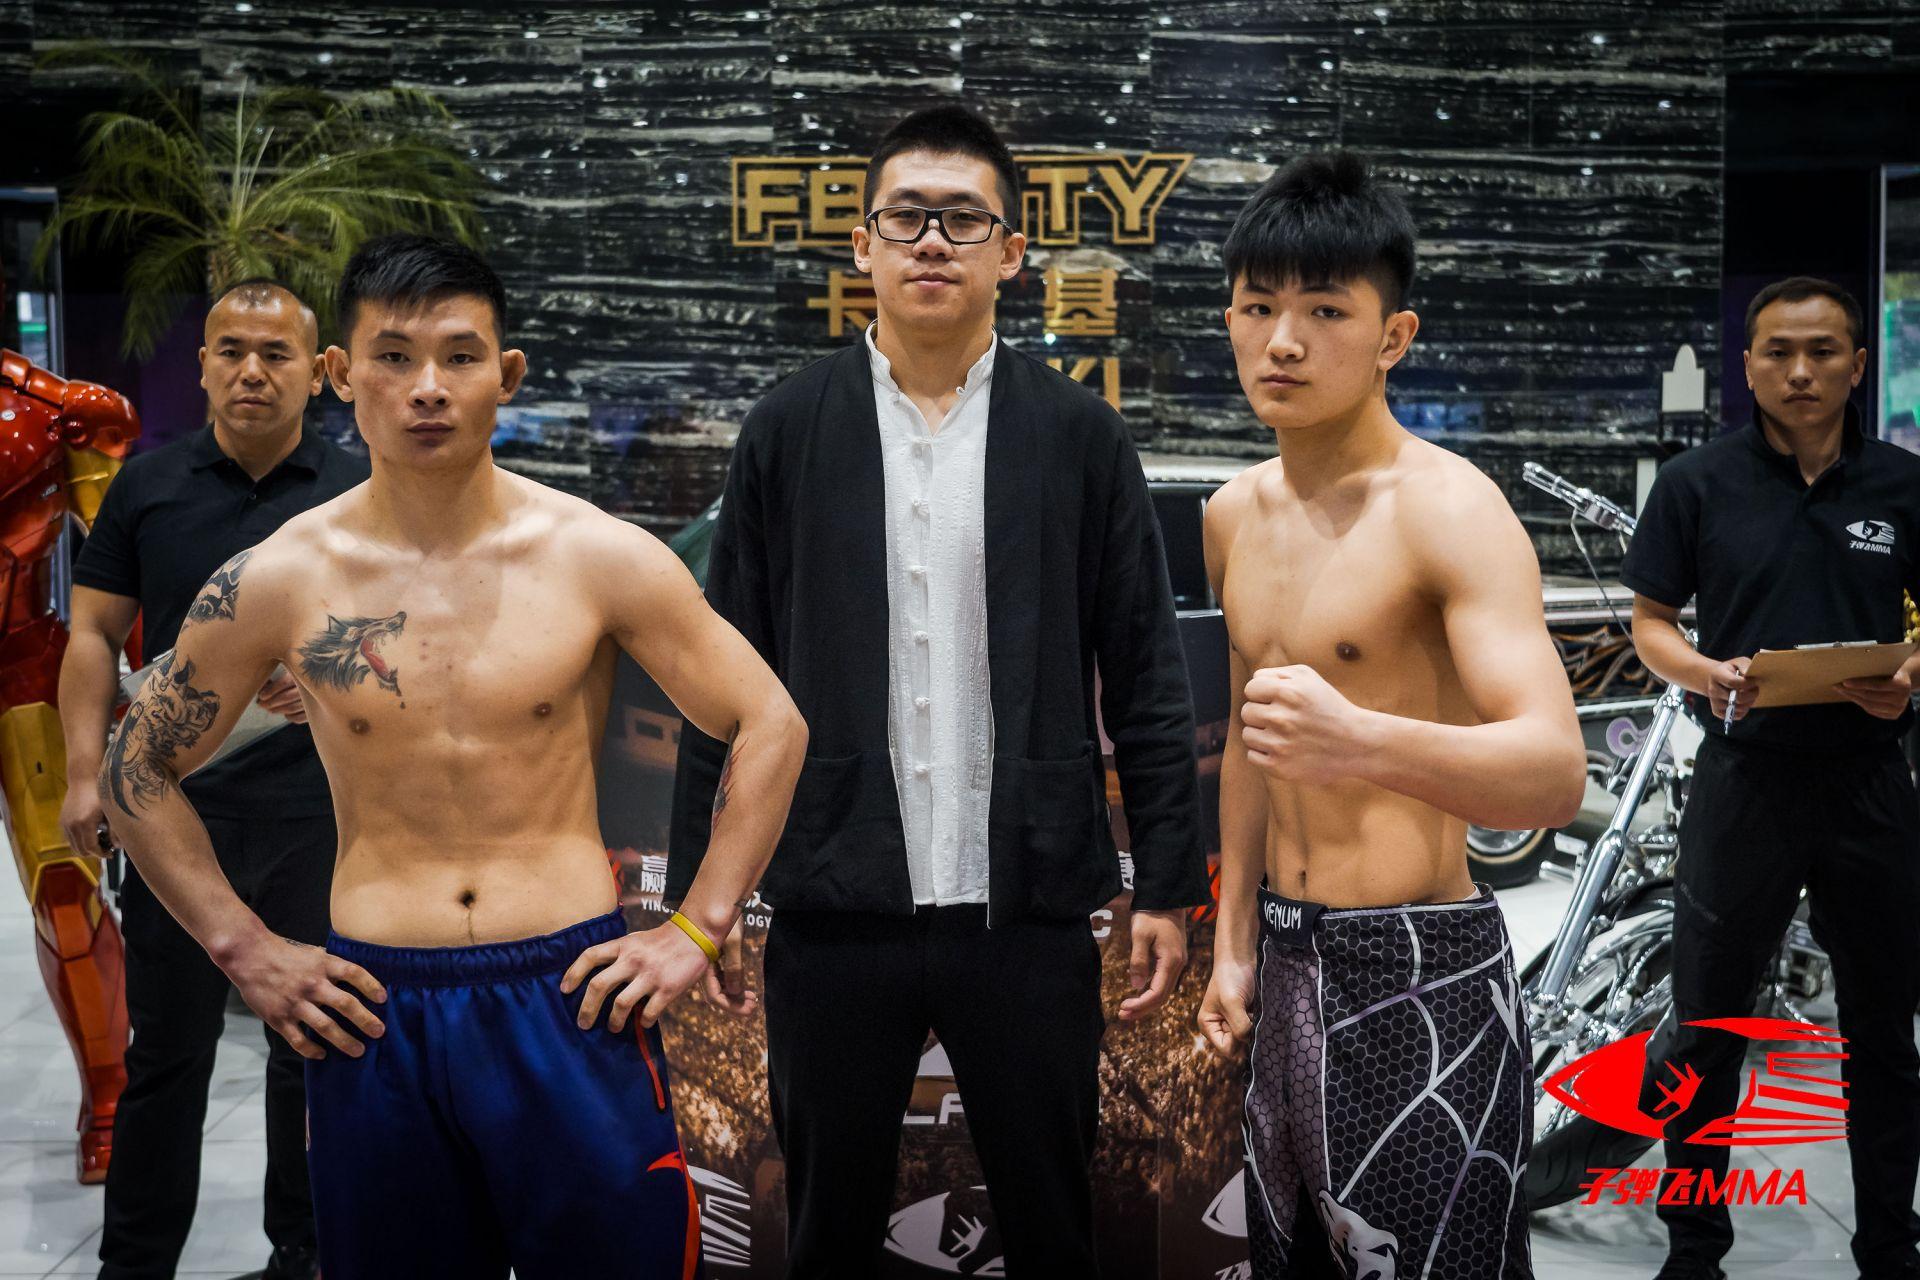 2019年4月20日昆仑决·子弹飞13 - 直播[视频] 乌小龙vs冯鹏朝